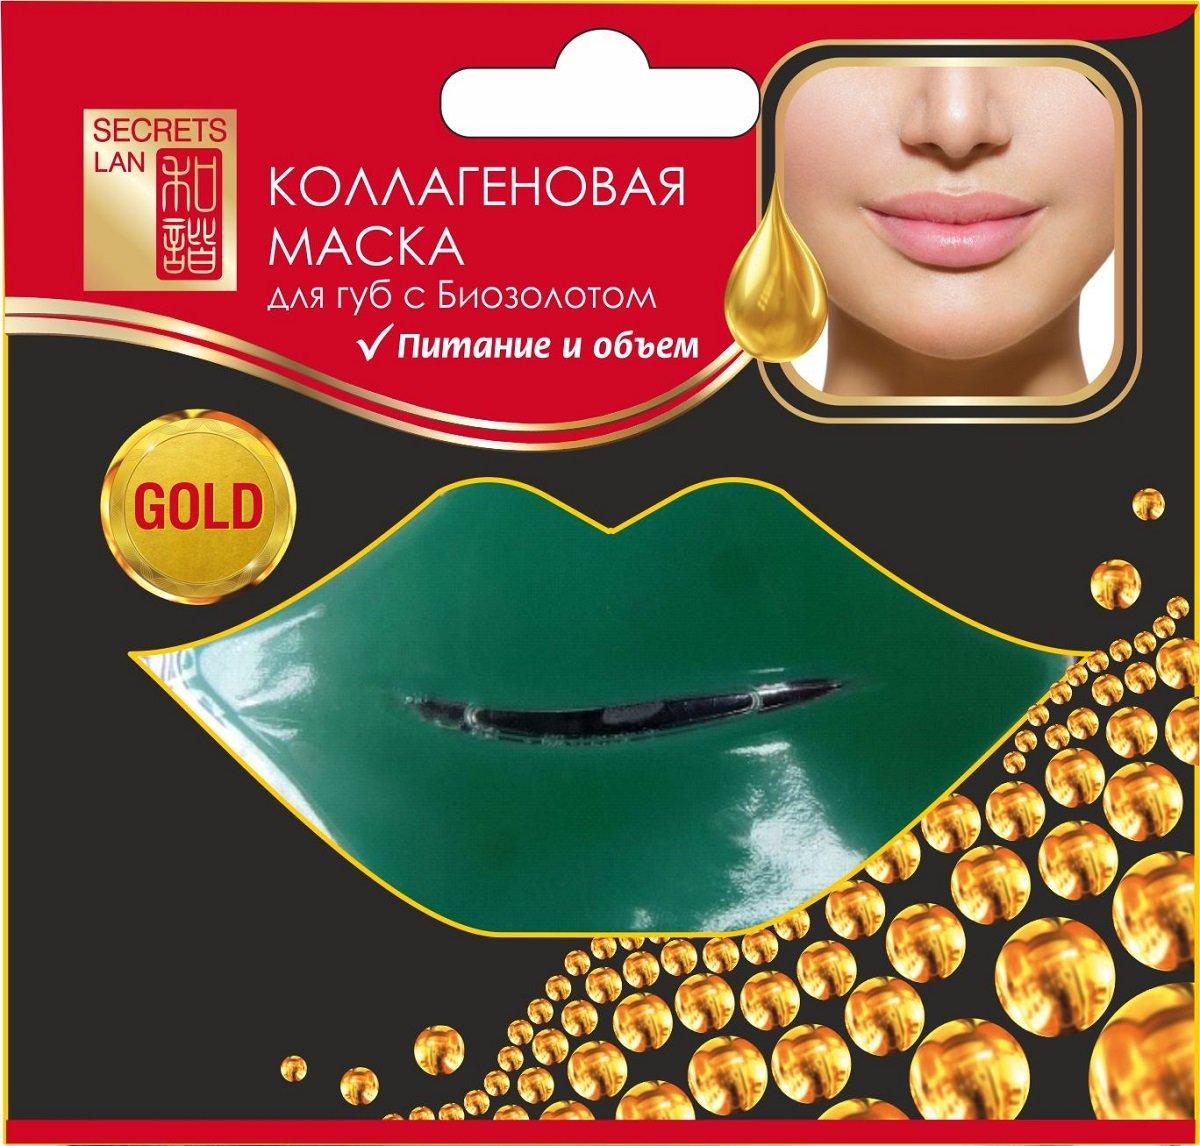 Маска коллагеновая для губ с биозолотом (зеленая) Секреты ЛанСекреты Лан<br>Производство: Китай Благодаря содержанию гиалуроновой кислоты маска интенсивно увлажняет нежную кожу губ, заполняет мелкие морщинки на коже, предотвращает старение. Маска придает губам красивый ровный цвет и увеличивает в объеме.<br>        <br>Маска для восстановления кожи губ содержит природный коллаген, ионы 24 каратного биозолота, витамин Е, фруктовые кислоты, гиалуроновую кислоту и глицерин. Действуя в комплексе, эти ингредиенты питают нежную кожу губ, возвращают ей мягкость и придают губам яркий, насыщенный цвет, эффект от нее сохраняется на долгое время. Пухлые, мягкие, яркие губы это результат использования коллагеновой маски.<br>Способ применения: охладить маску пару минут в холодильнике, затем приложить ее к очищенным от косметики губам. Слегка помассируйте и оставьте на 20 &amp;ndash; 30 минут. Снимите маску, нанесите на губы питательный или увлажняющий бальзам по желанию.<br>Состав: aqua, glycerin, propylene glycol, collagen, glyceryl stearate, prunus cerasus (bitter cherry) extract, glyceryl acrylate, alluvial mud, phenoxyethanol, allantoin, hyaluronic acid<br><br>Линейка: Маска коллагеновая для губ с биозолотом (зеленая) Секреты Лан<br>Объем мл: 6<br>Пол: Женский